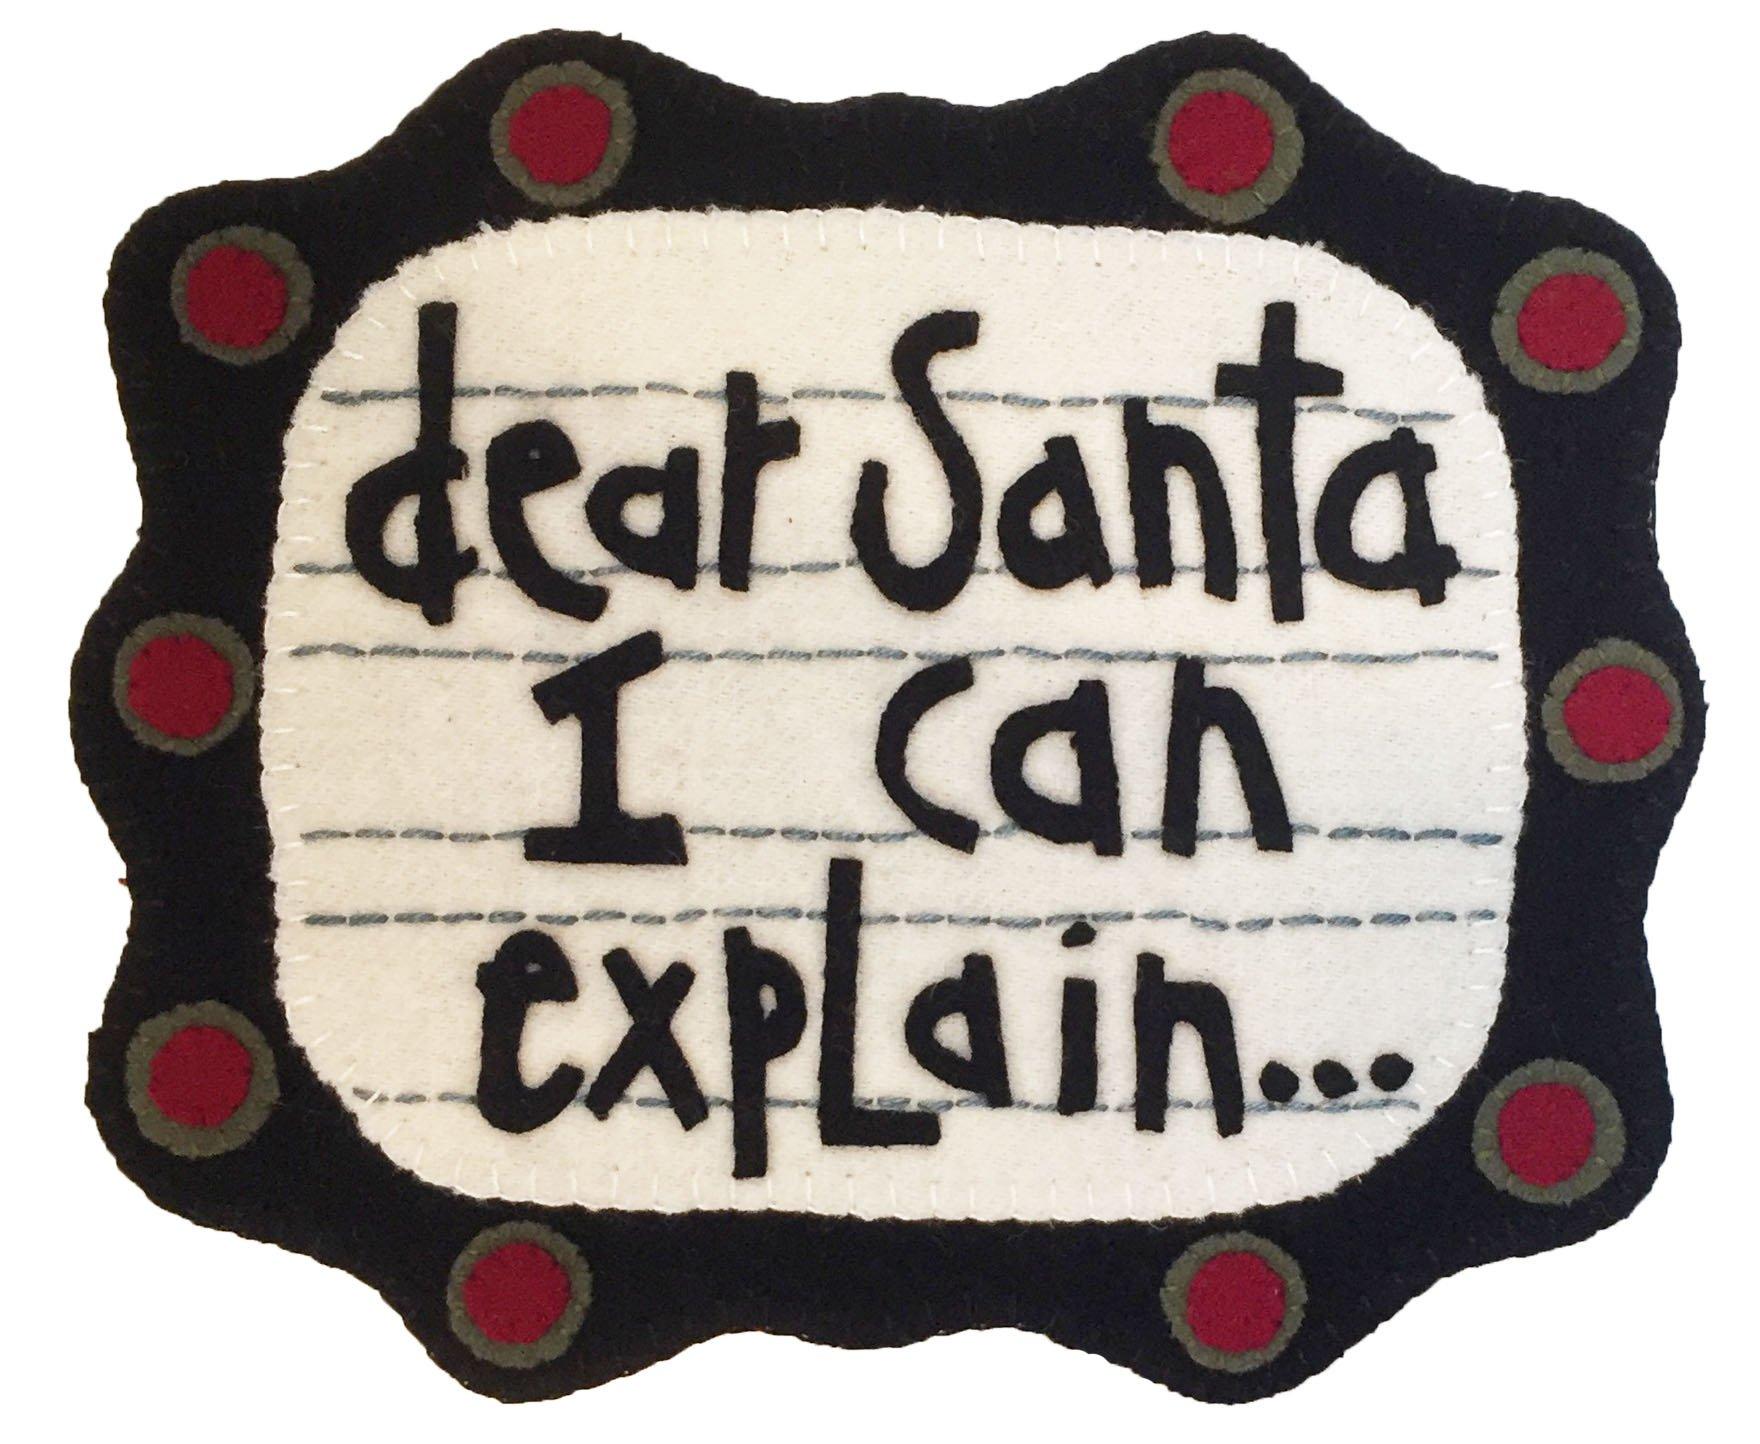 Dear Santa Kit